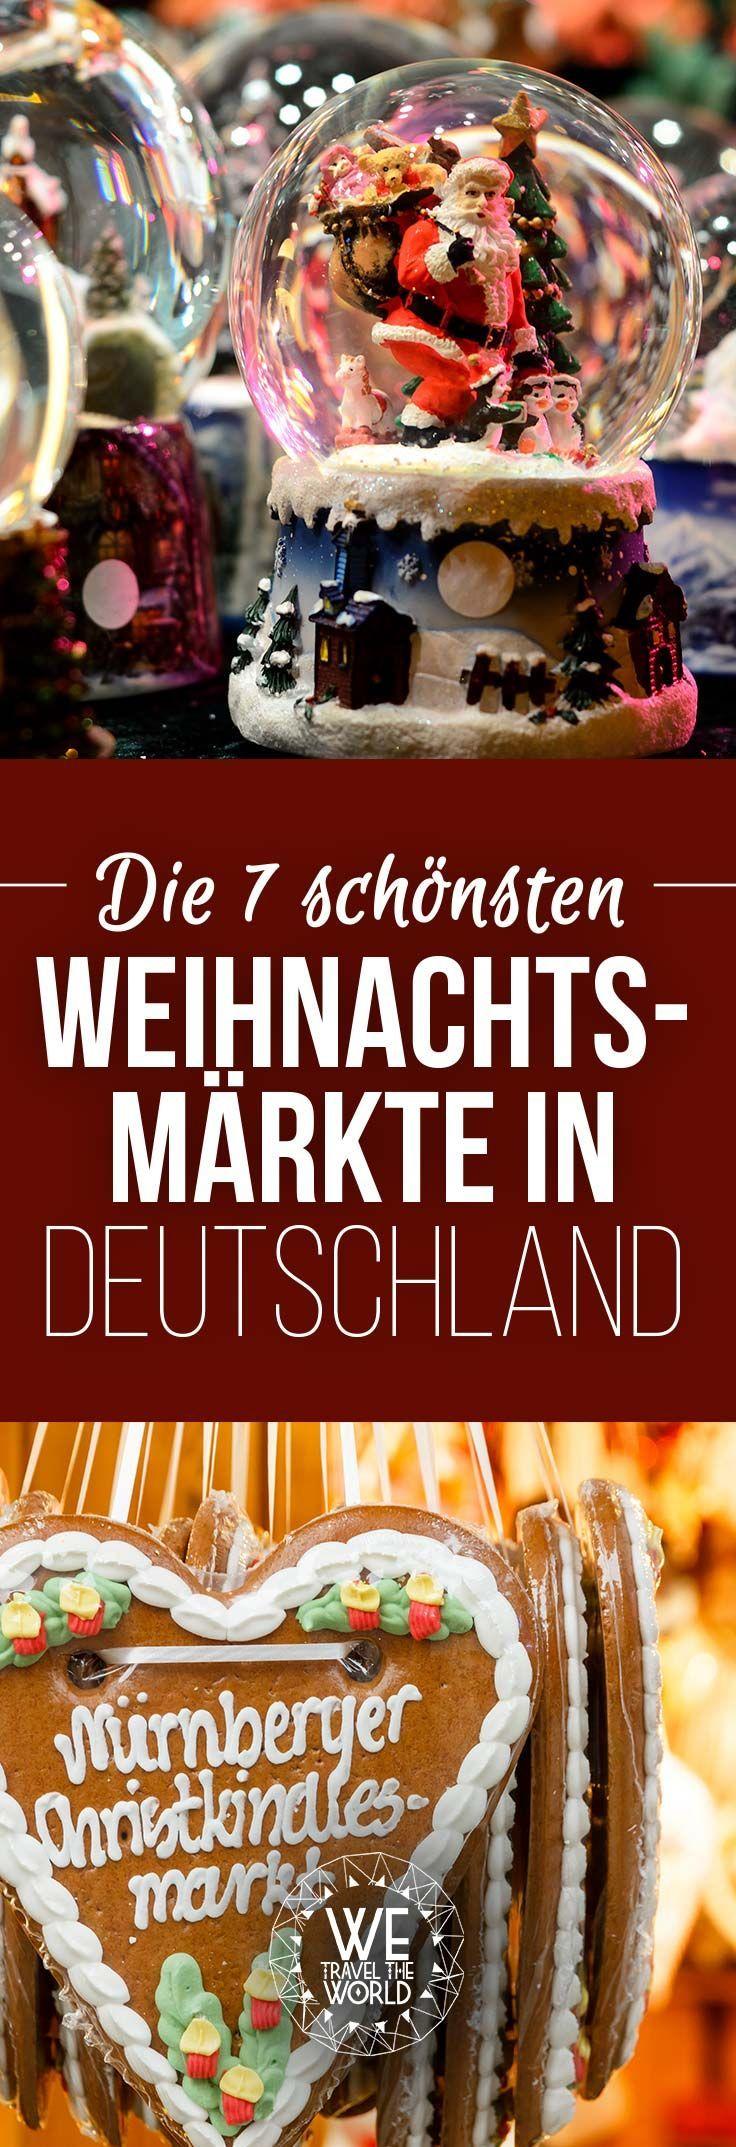 die 7 sch nsten weihnachtsm rkte deutschlands und warum sich ein besuch lohnt weihnachten. Black Bedroom Furniture Sets. Home Design Ideas